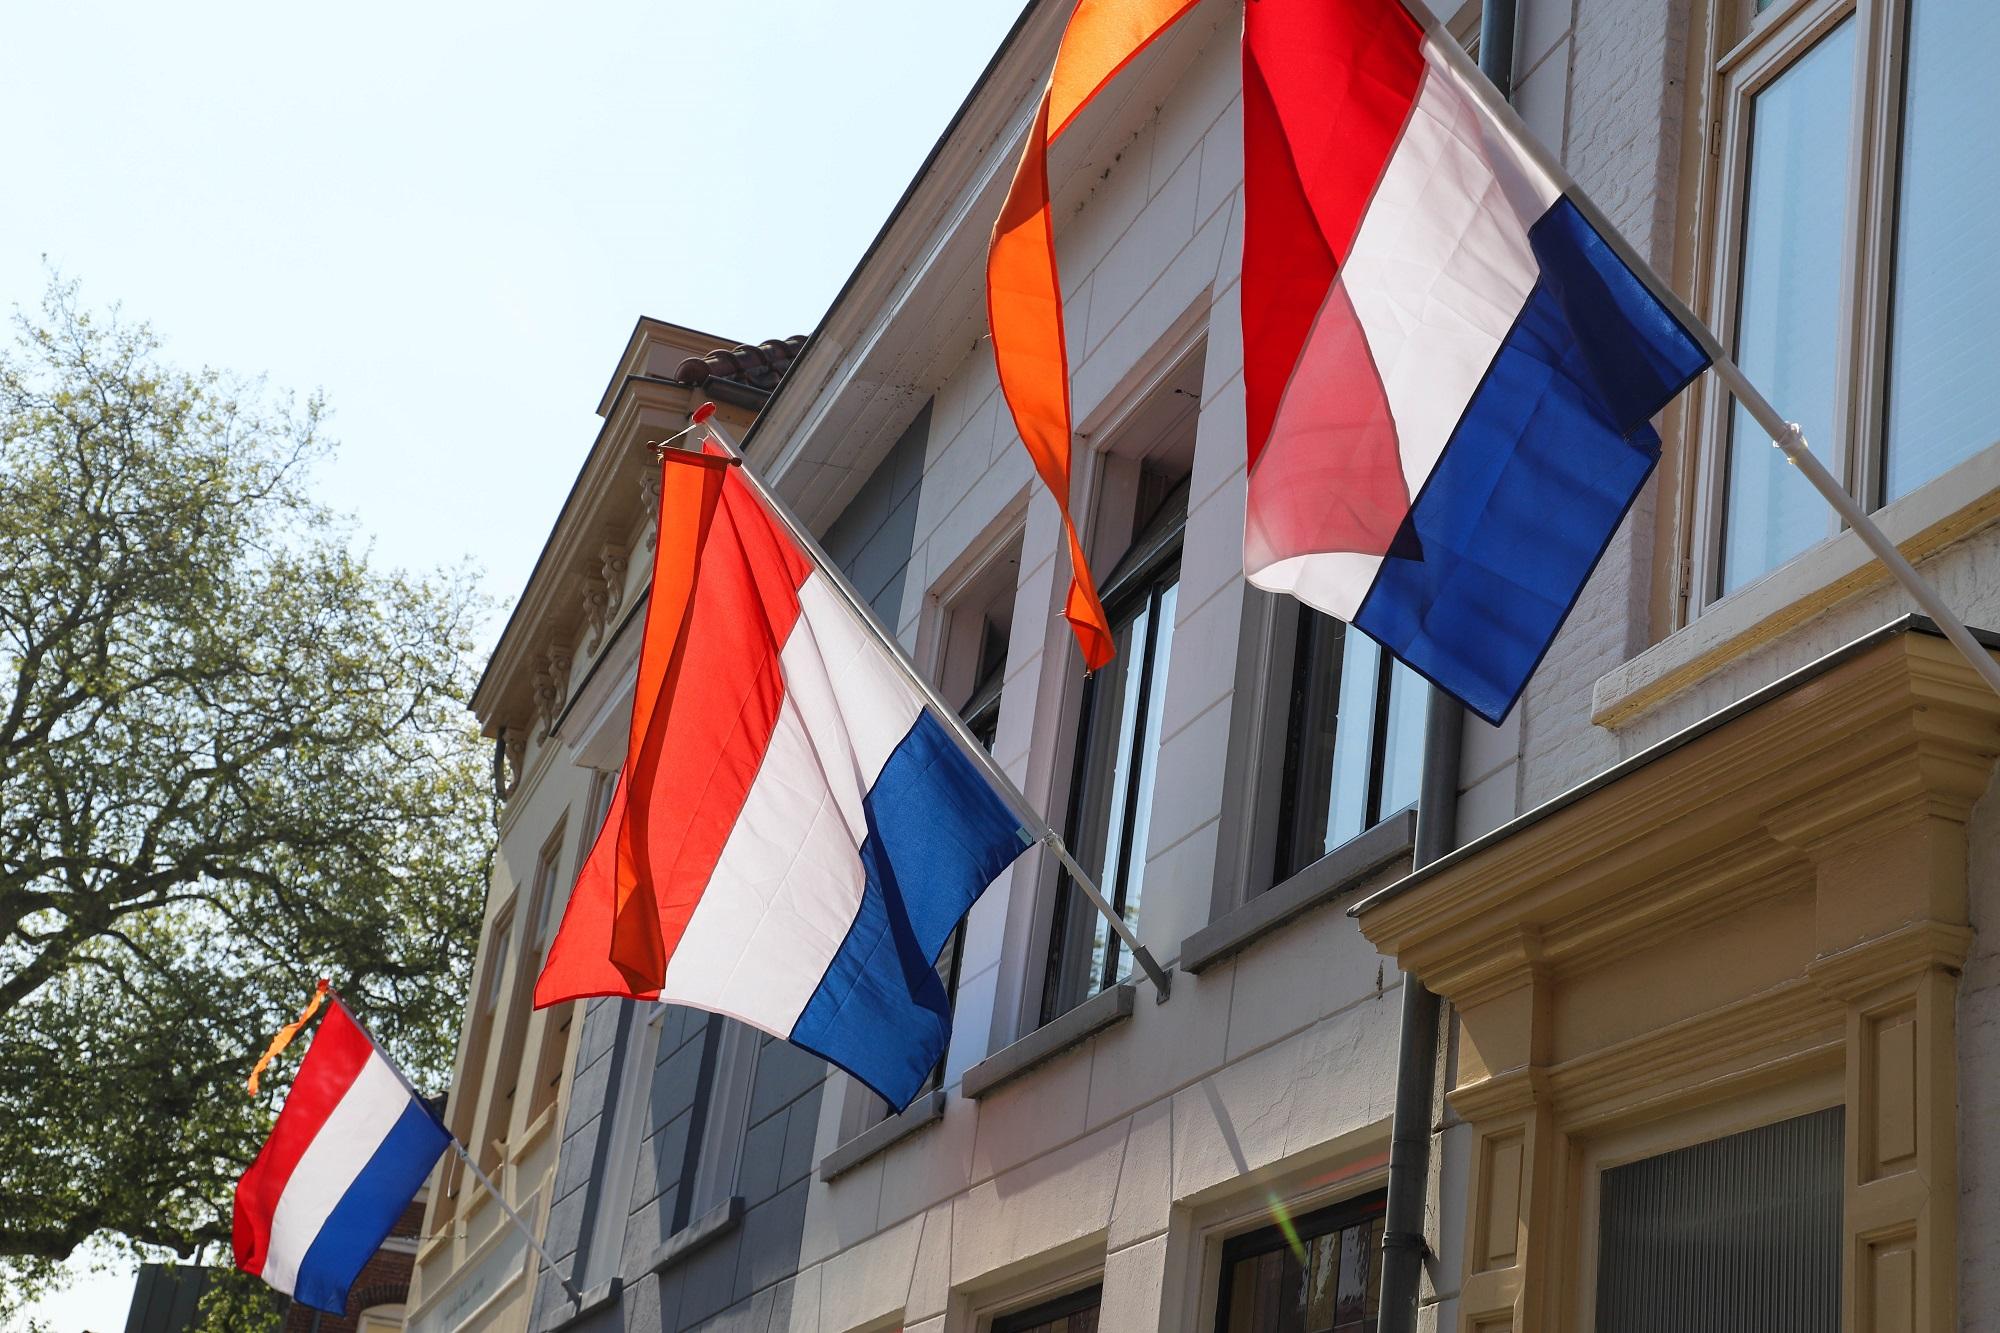 woningsdag 2020 koningsdag 2020 nederlandse vlag nederland